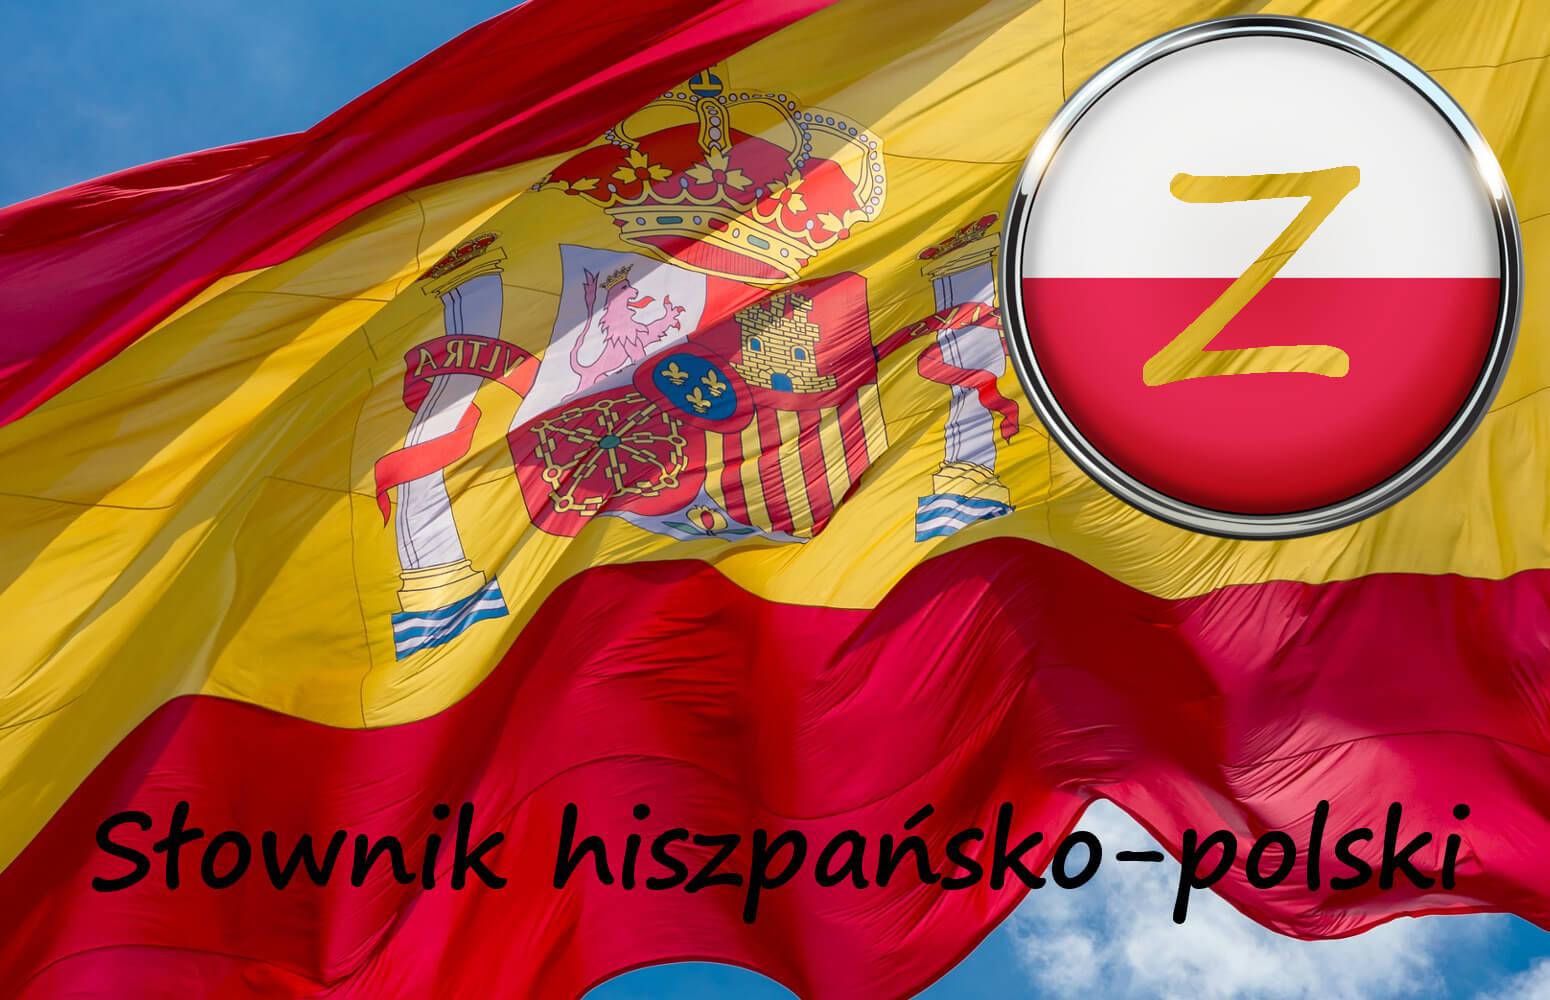 Słownik hiszpańsko-polski Zorro